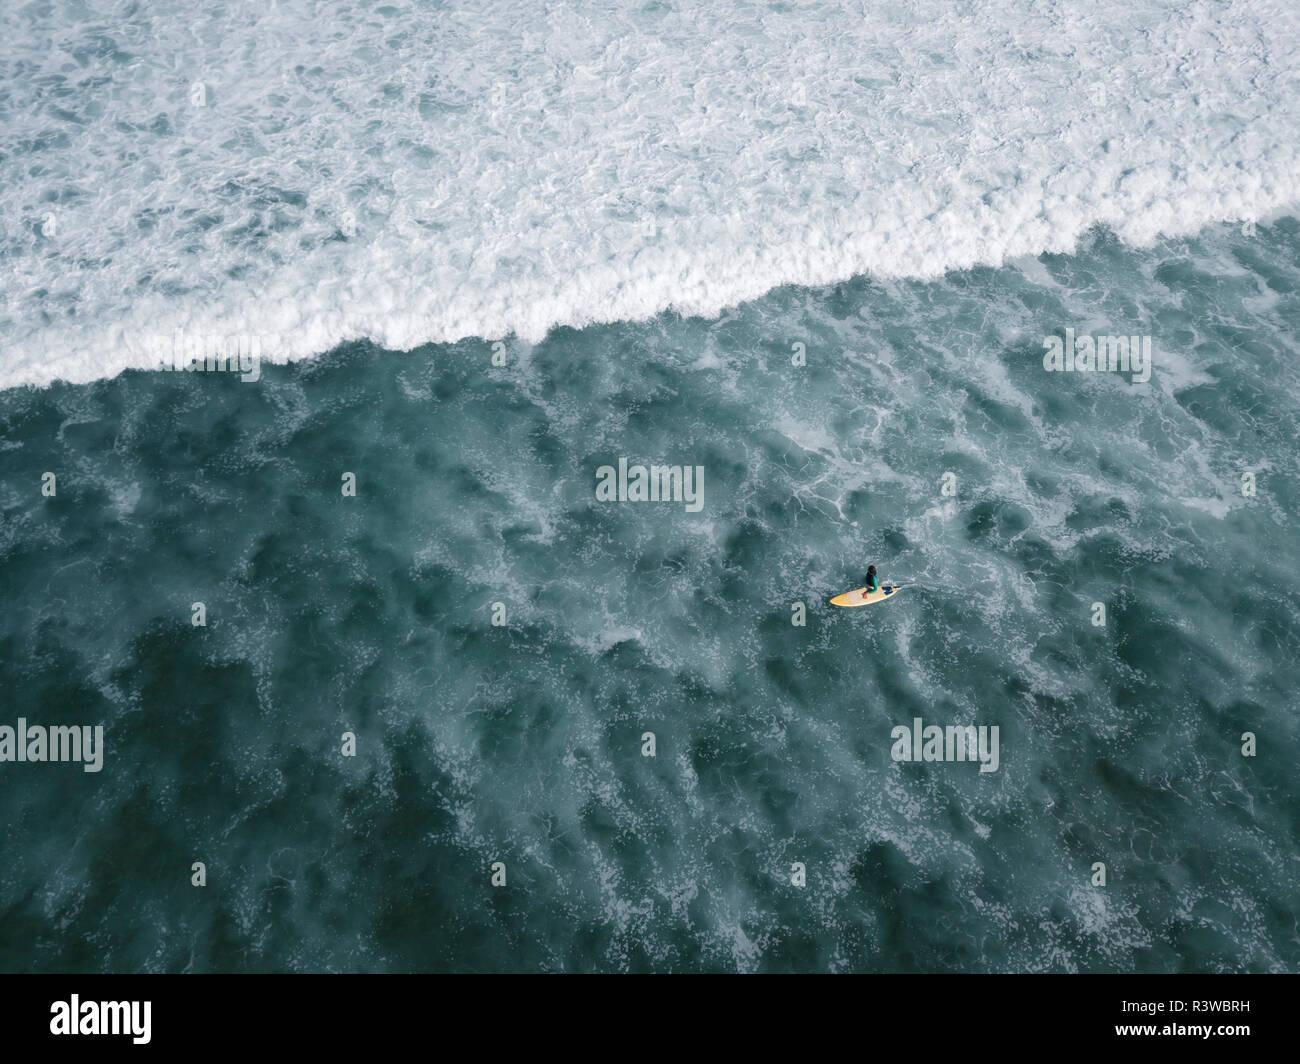 Indonesia, Bali, vista aérea de la playa Balngan, Surfer Foto de stock